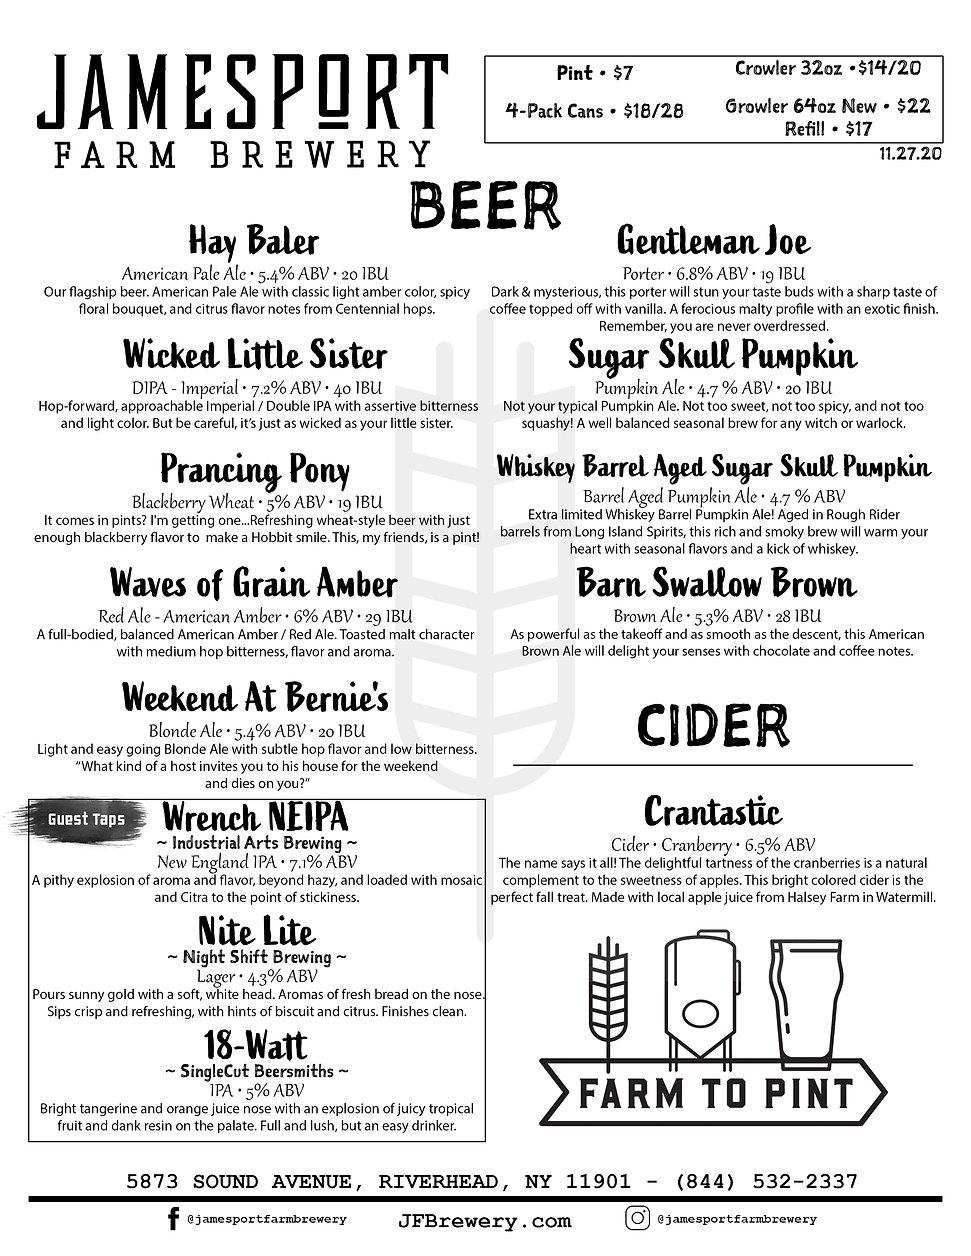 Beer Menu 11.27.20.jpg